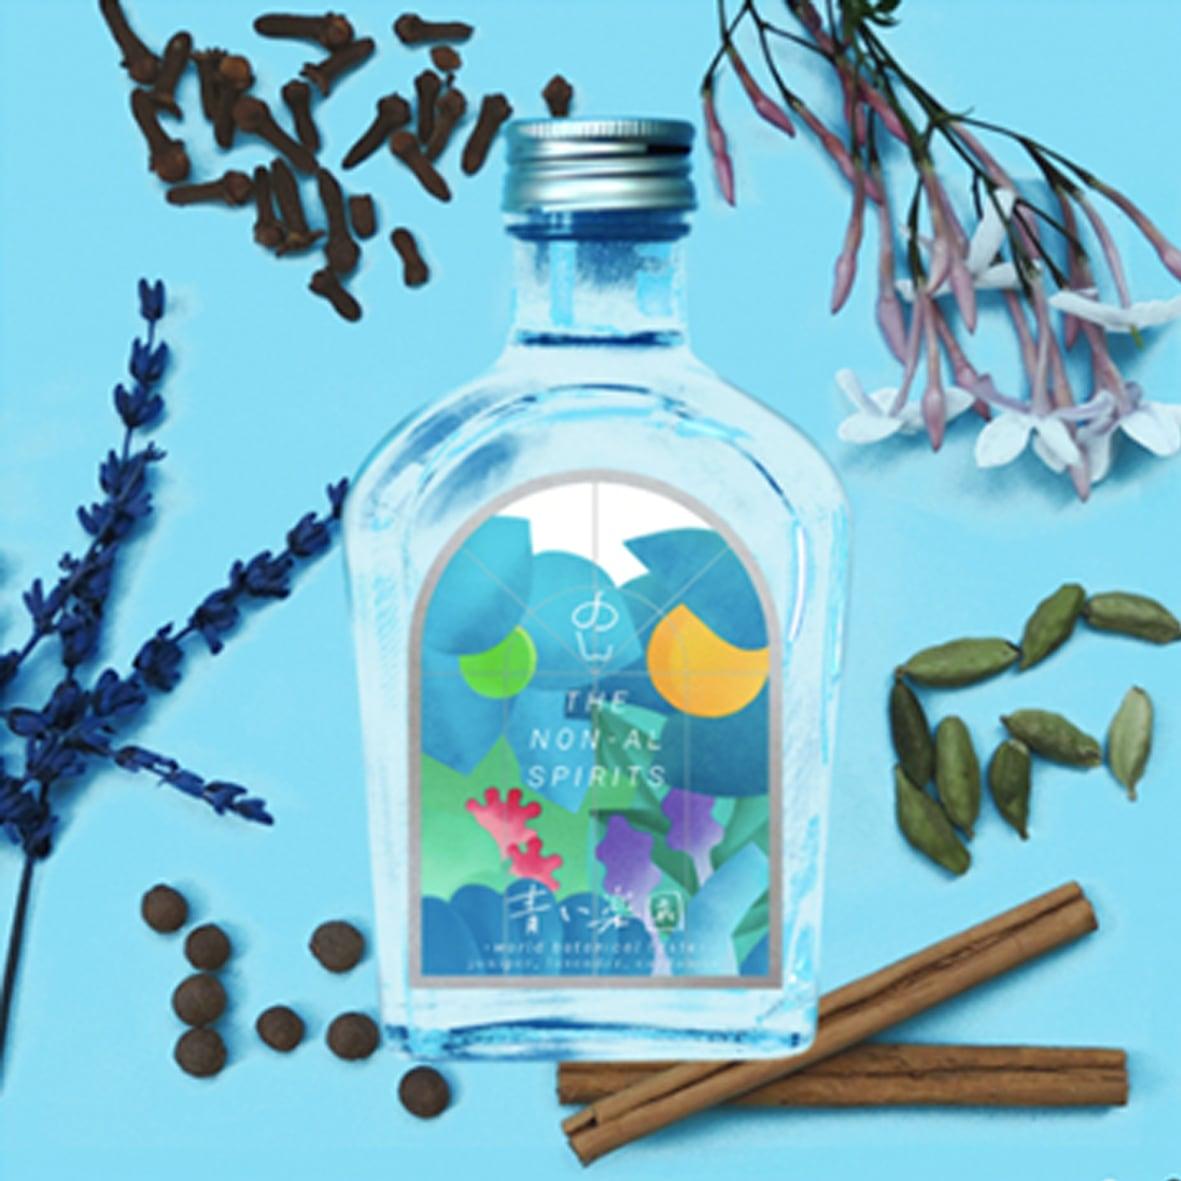 のん -THE NON-AL SPIRITS- 「洋:青い楽園」200ml